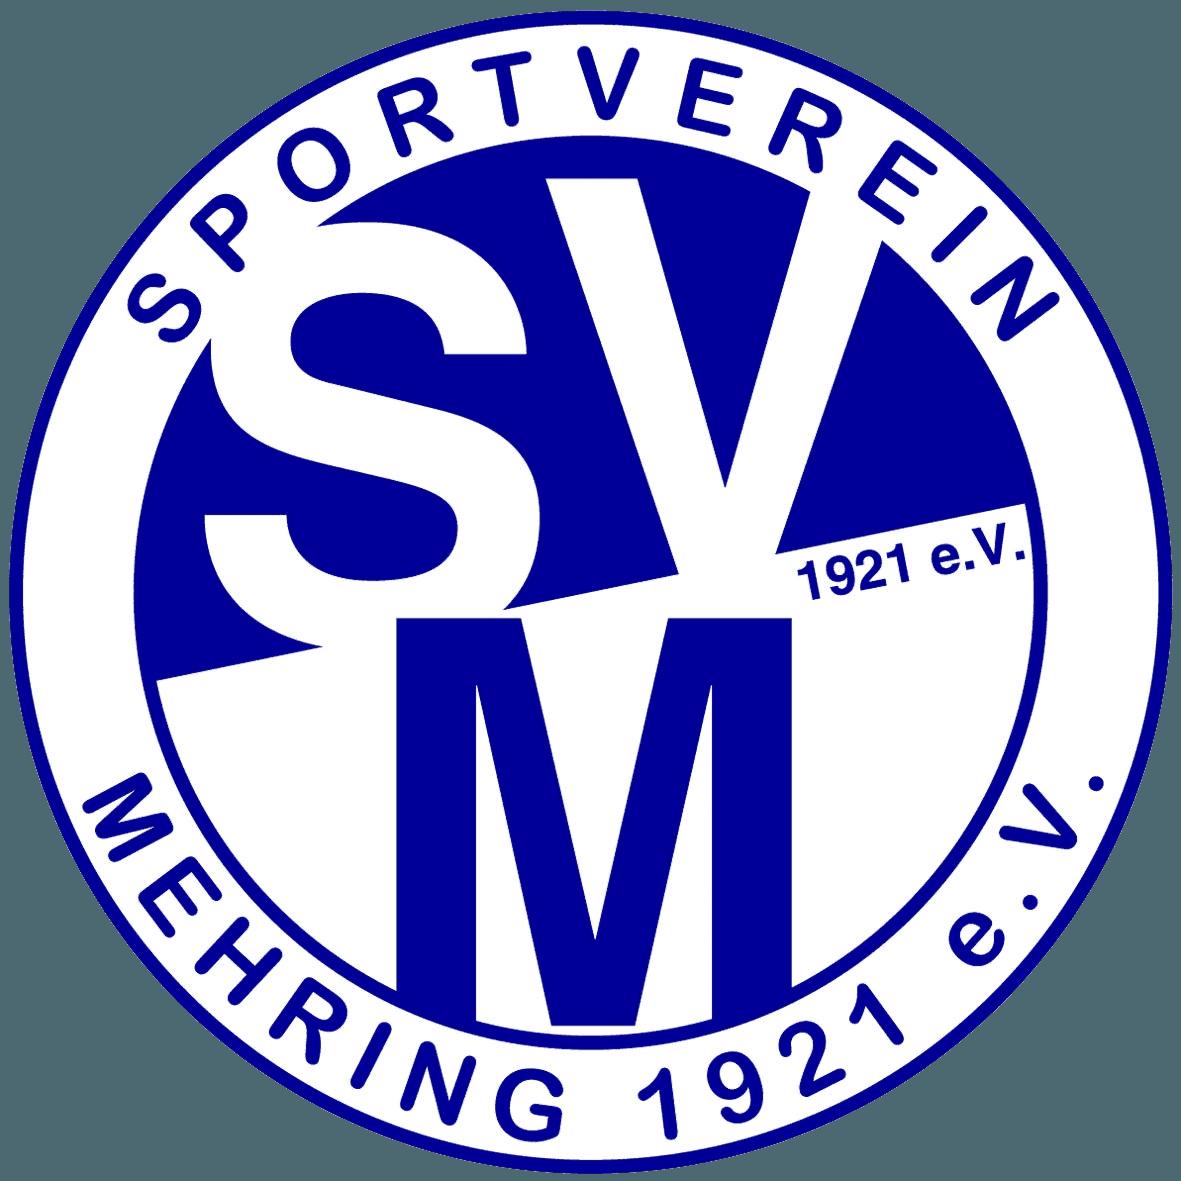 (c) Sv-mehring.de